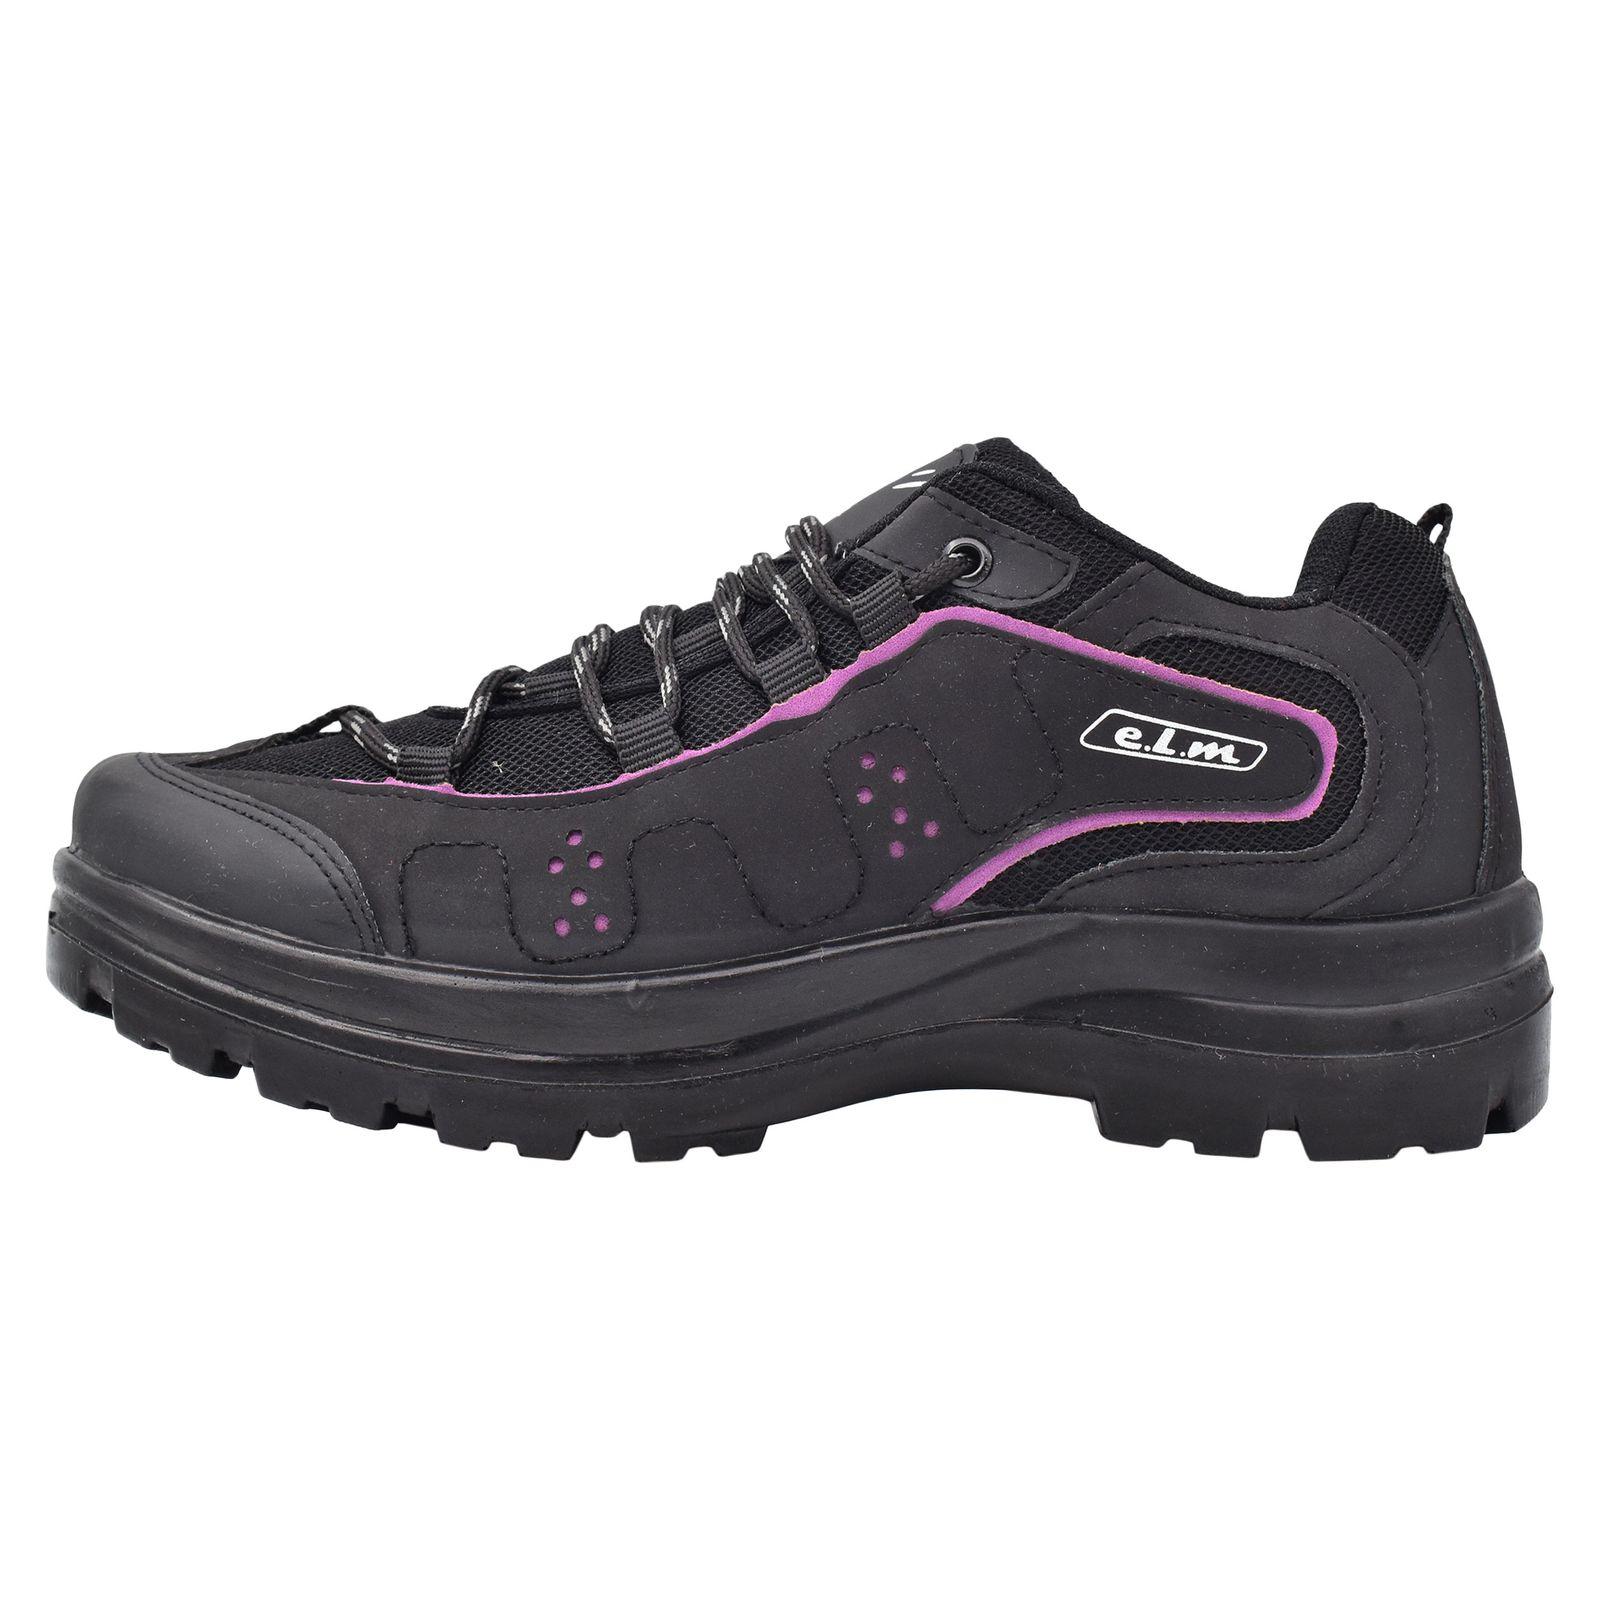 کفش پیاده روی زنانه ای ال ام مدل هیوا کد 7726 -  - 2